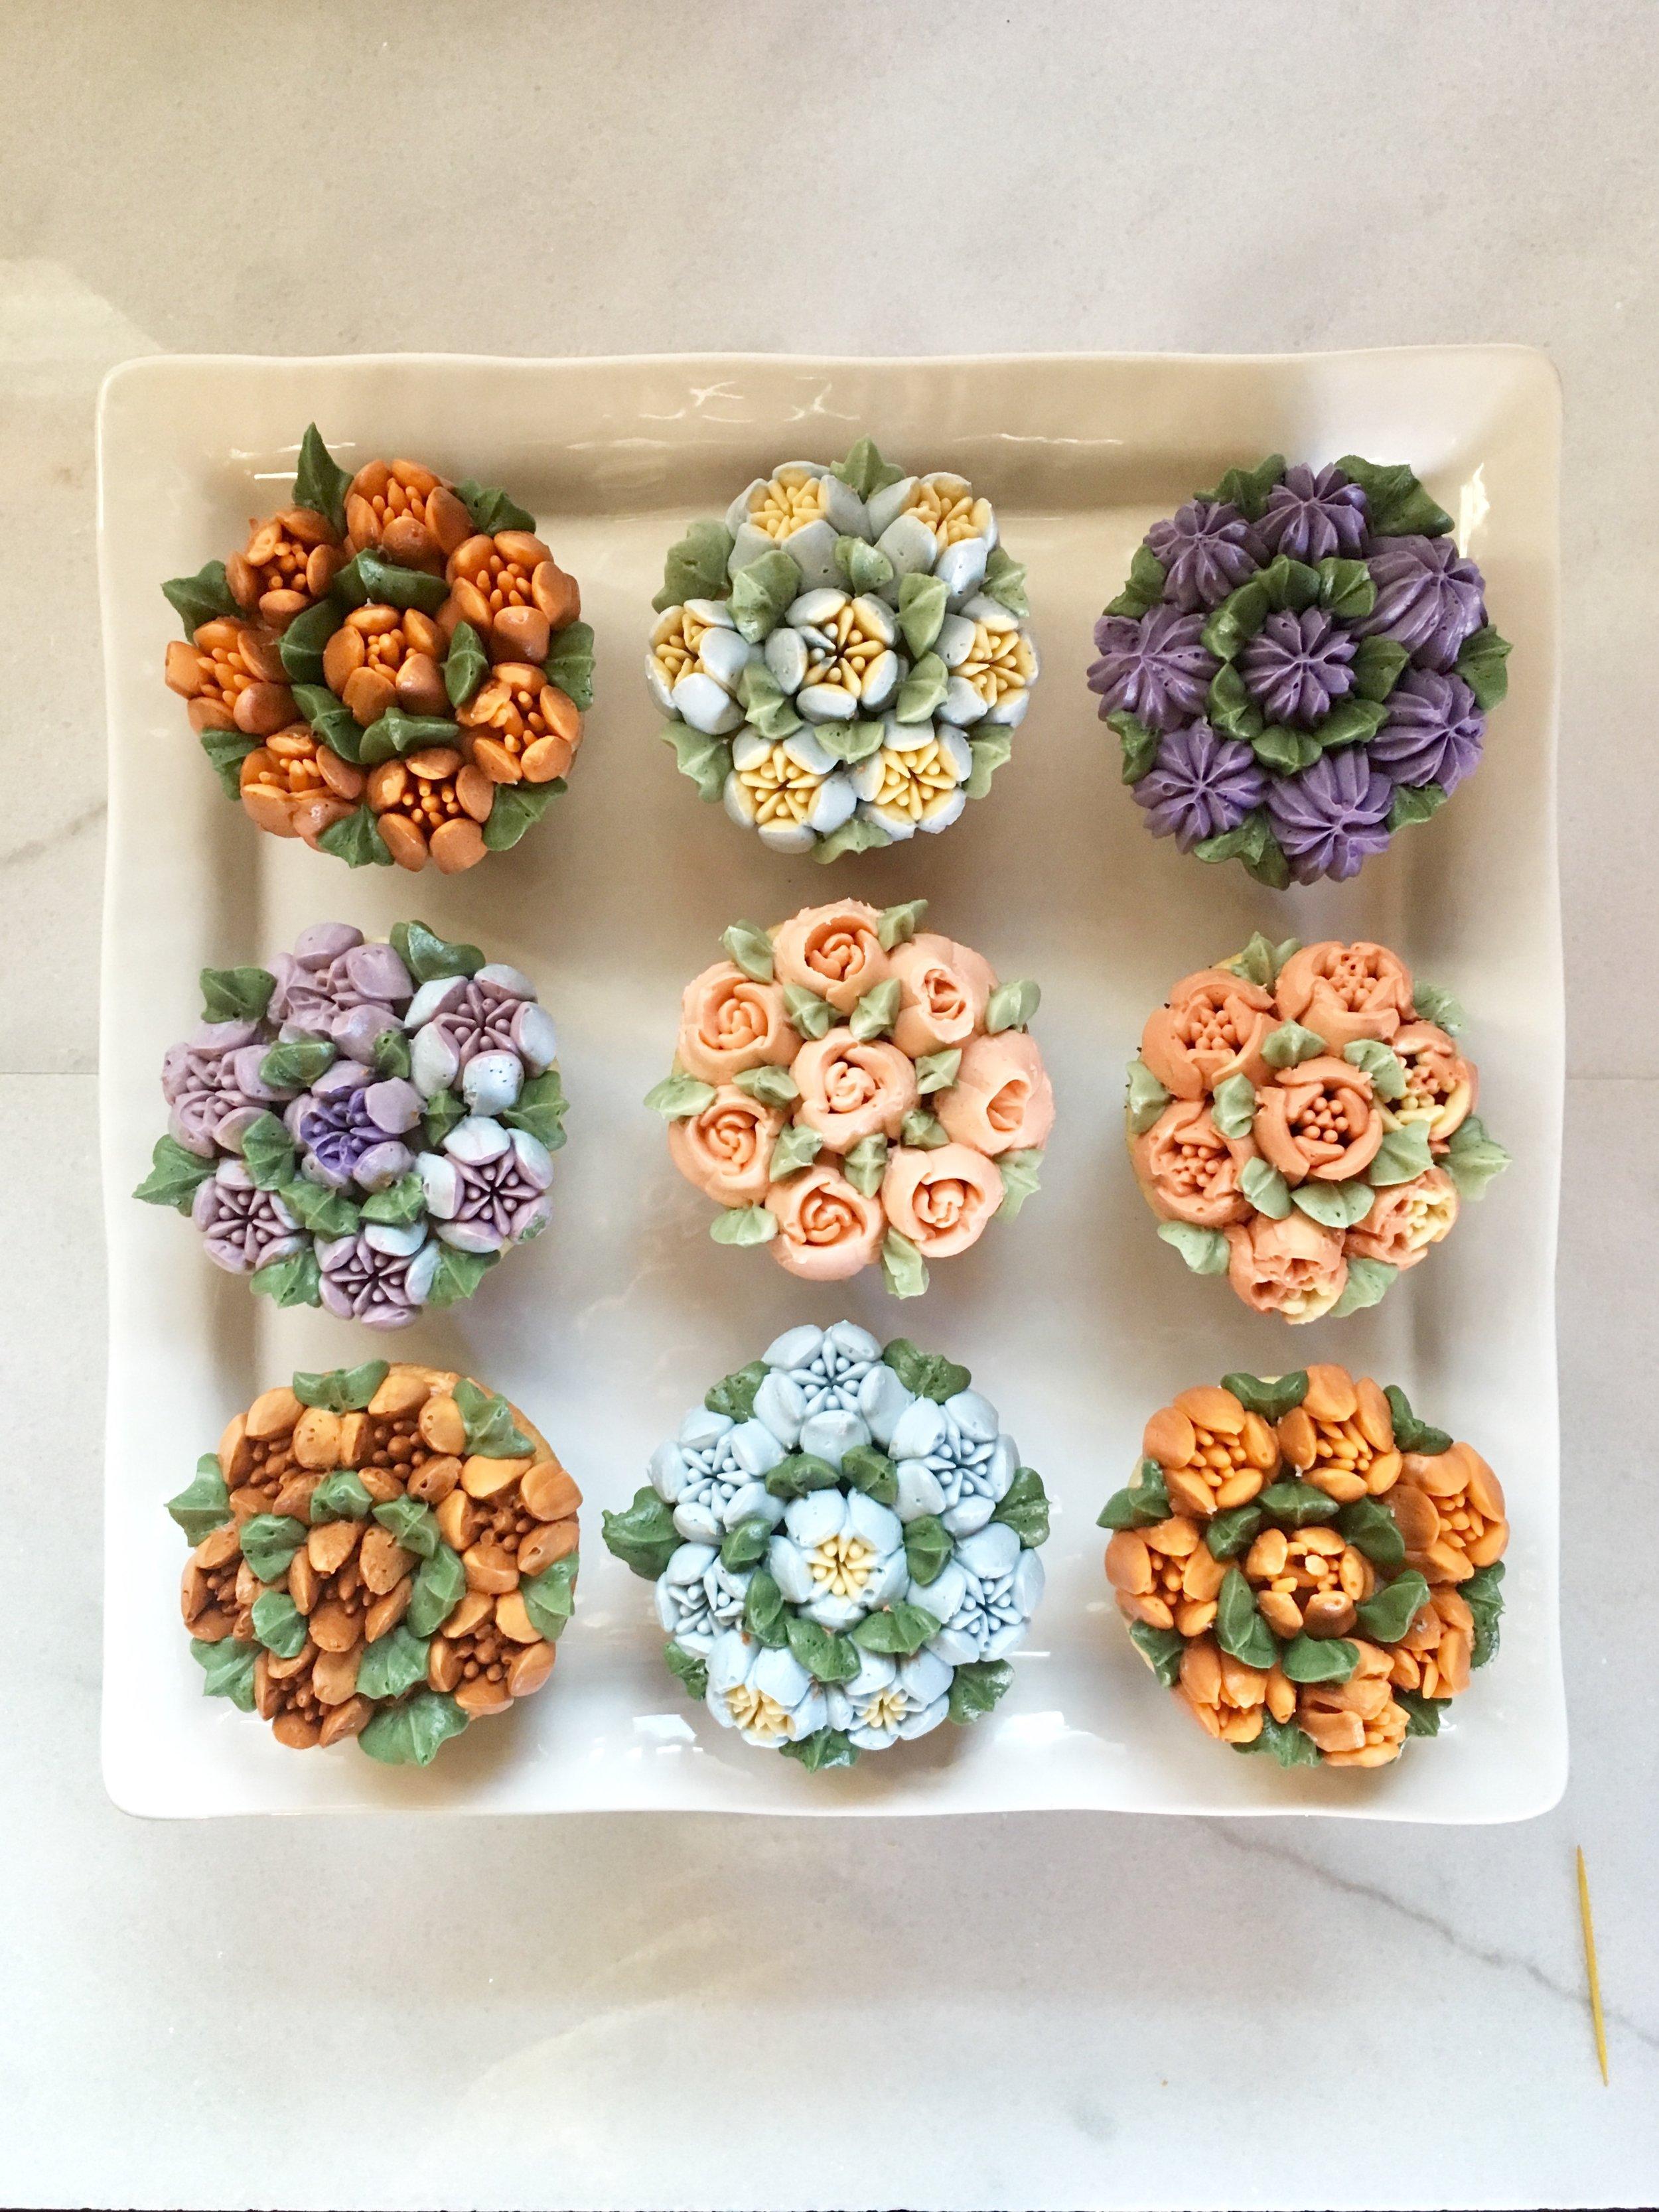 Russiantipflowers